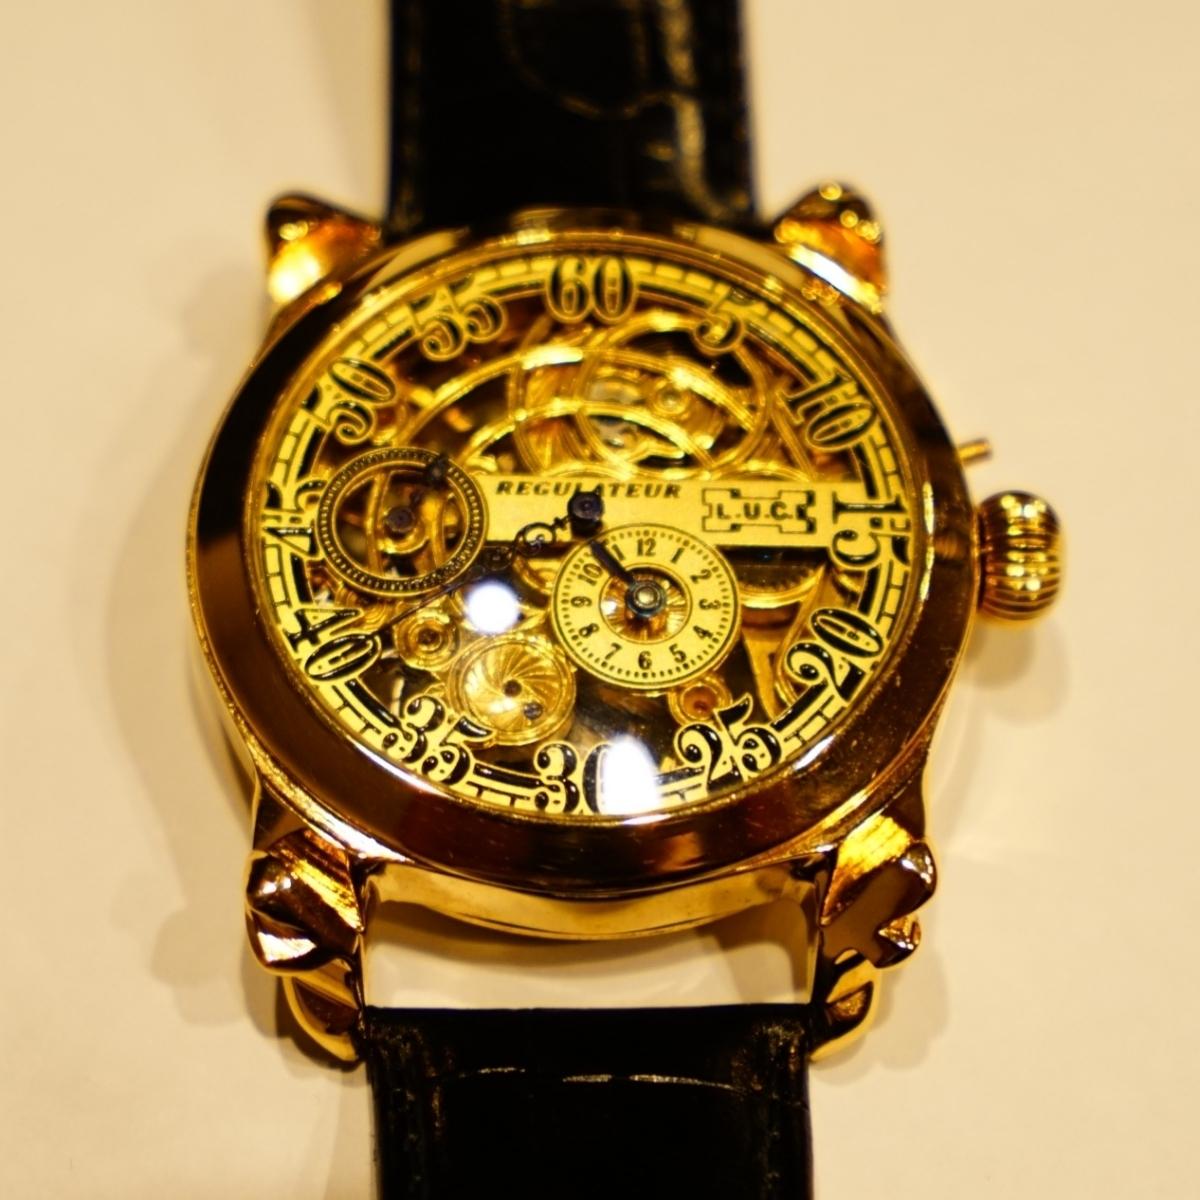 新品仕上げ ショパール Louis Ulysse Chopard アンティーク フルスケルトン アールデコ 手巻 腕時計 リケース シルバー 動作品 メンズ_画像1